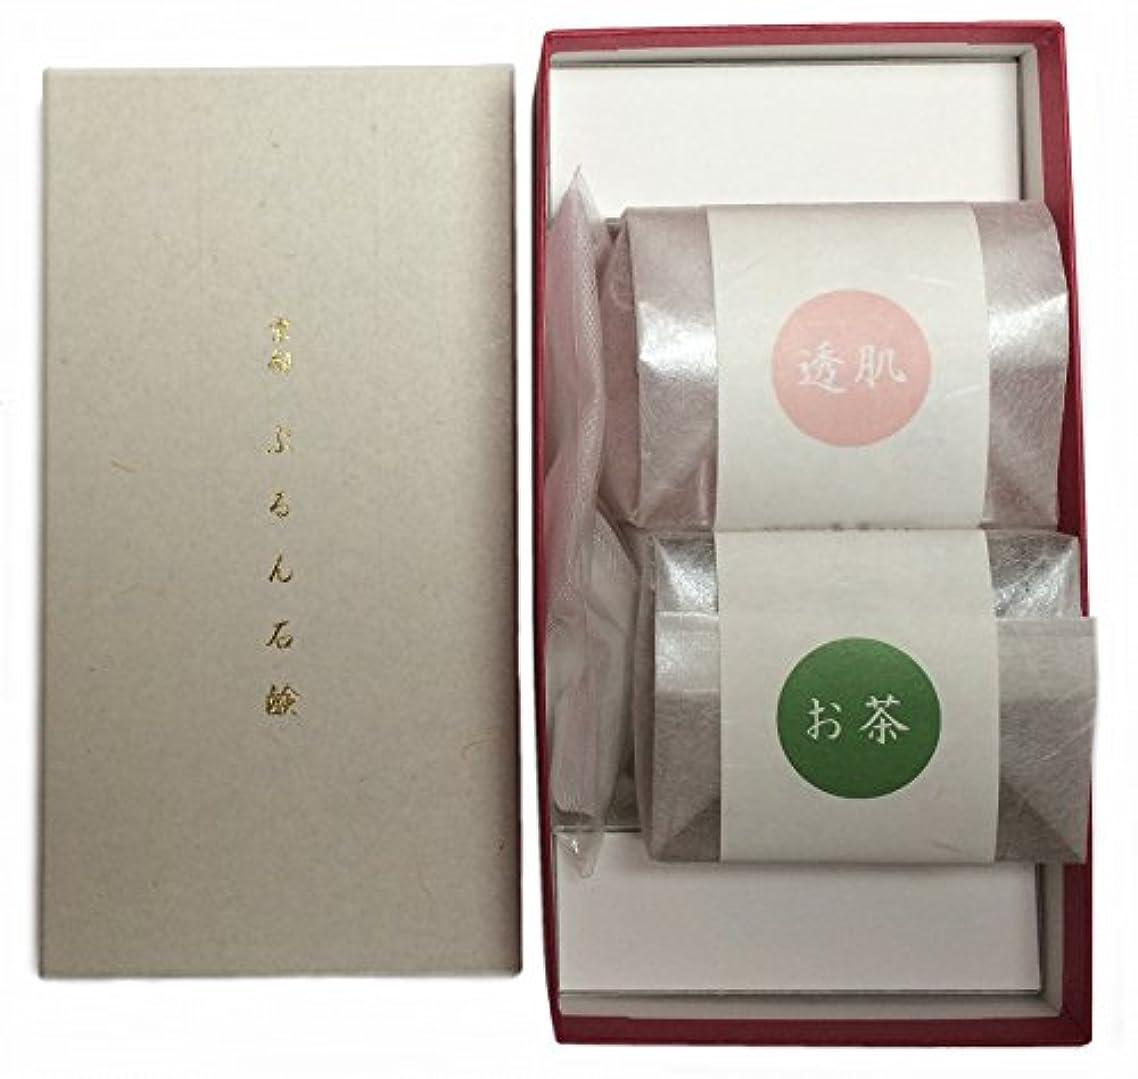 終了する電気全体に京都 ぷるん石鹸 ピュアソープ ヒアルロン酸 コラーゲン ギフトボックス 2種2個セット